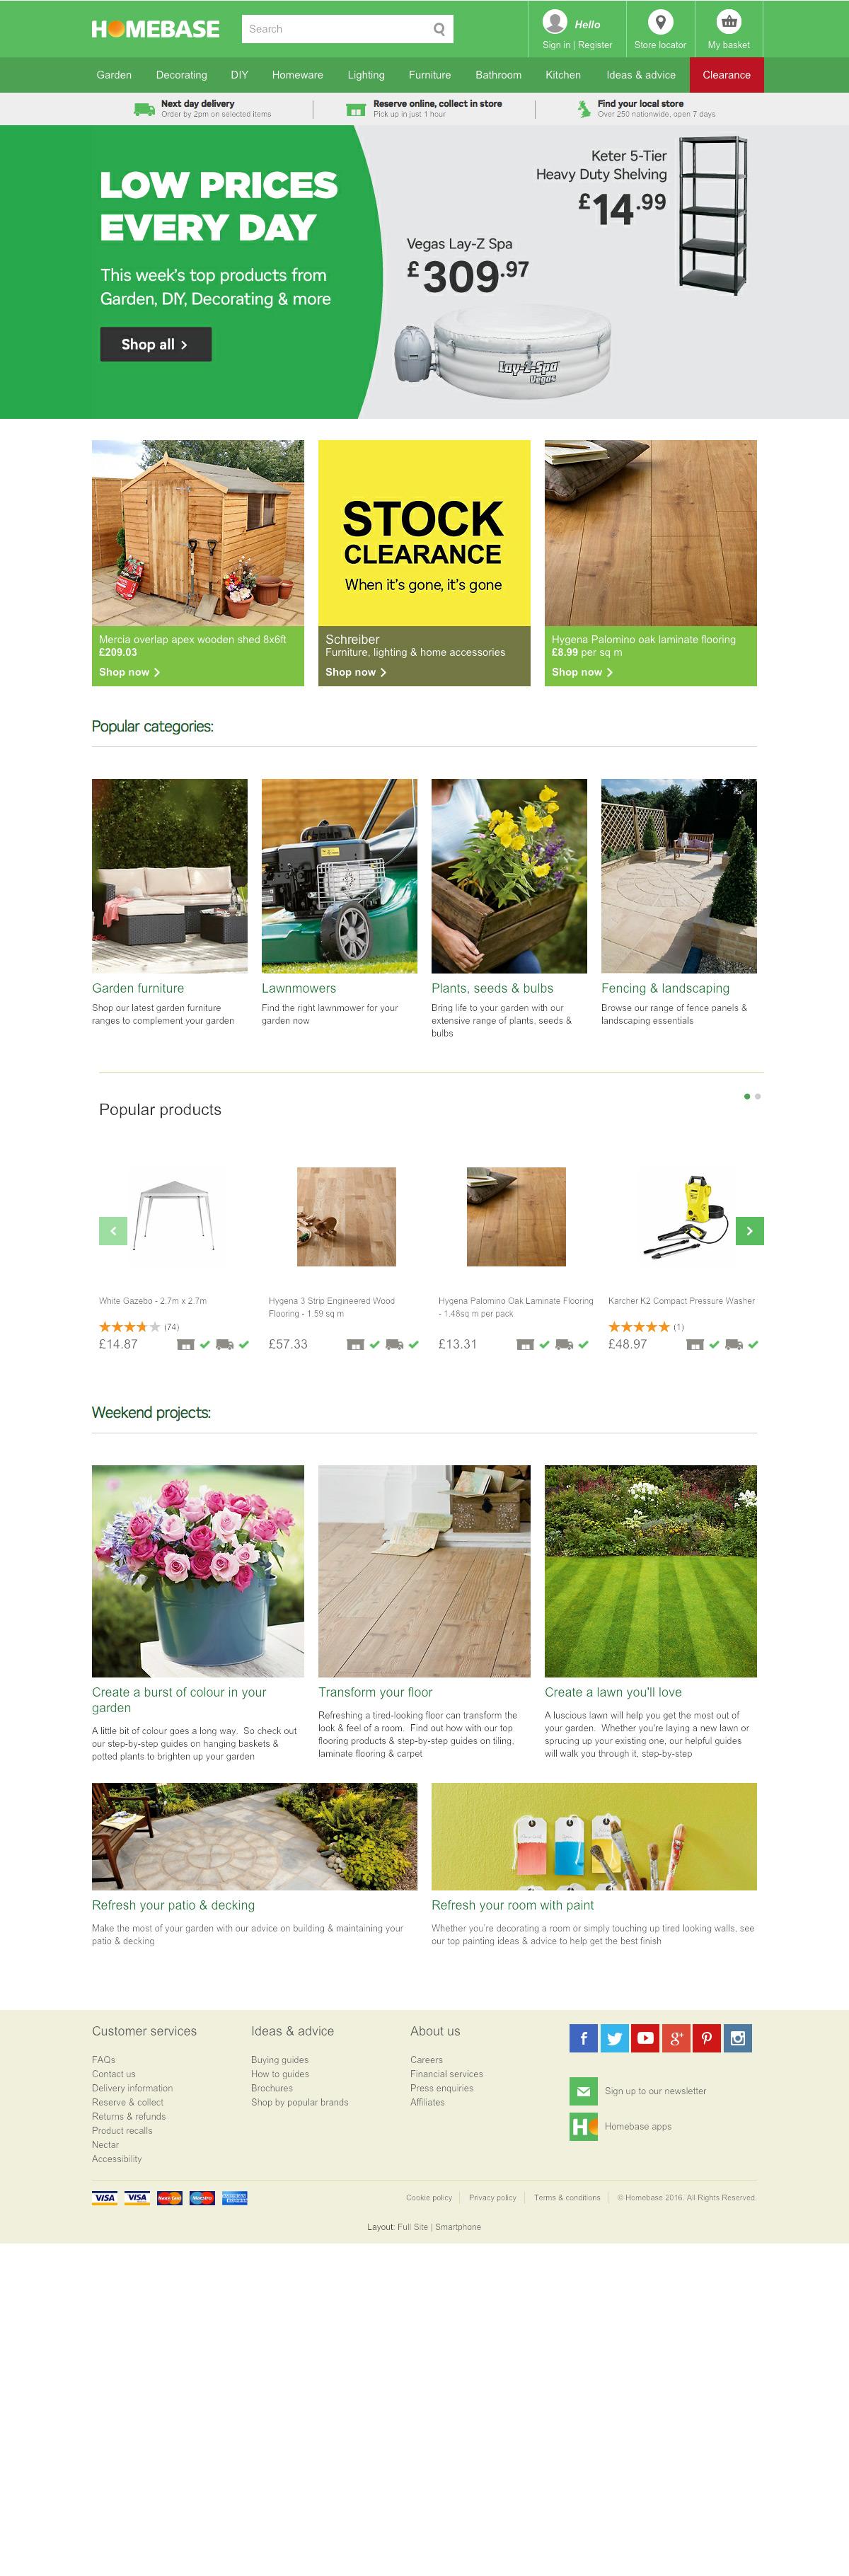 eCommerce website: Homebase